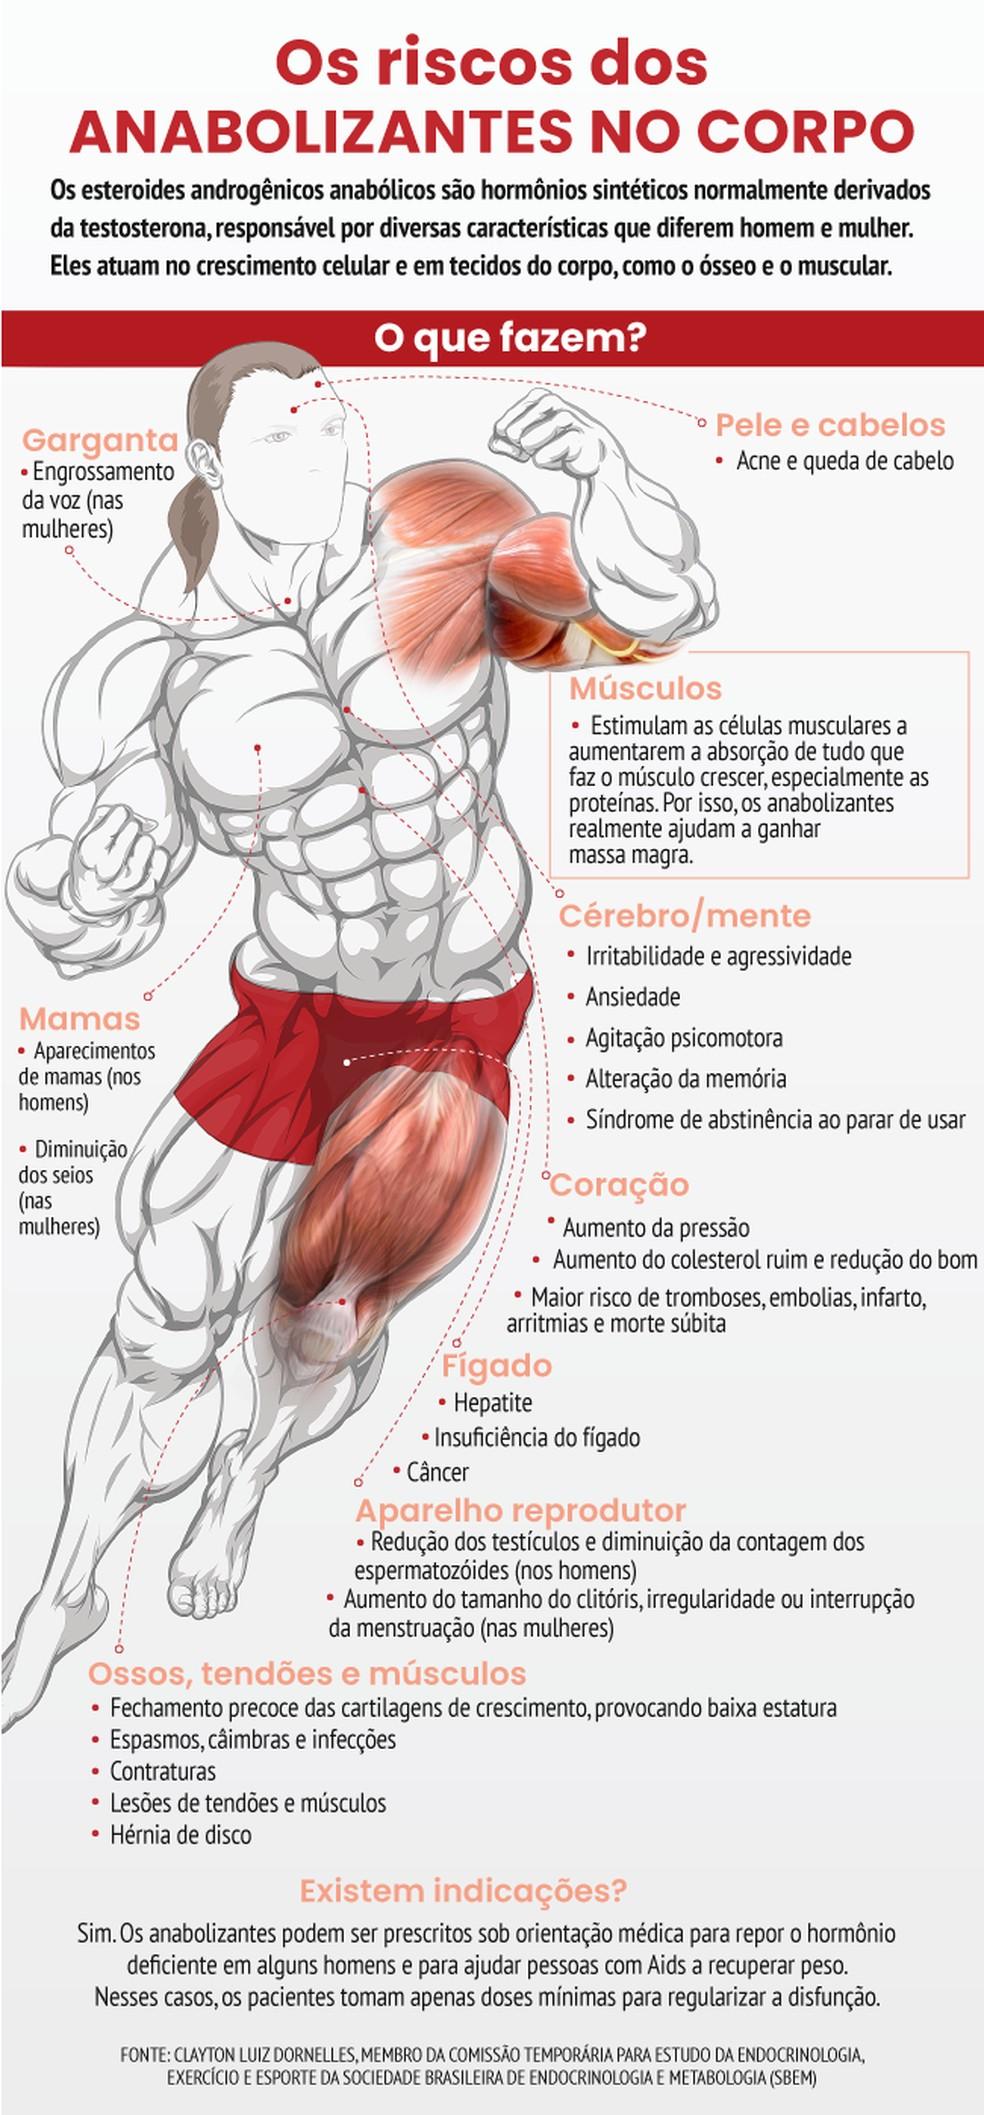 Efeitos que o uso indiscriminado de esteroides anabolizantes pode causar no organismo — Foto: Arte/Viva Você